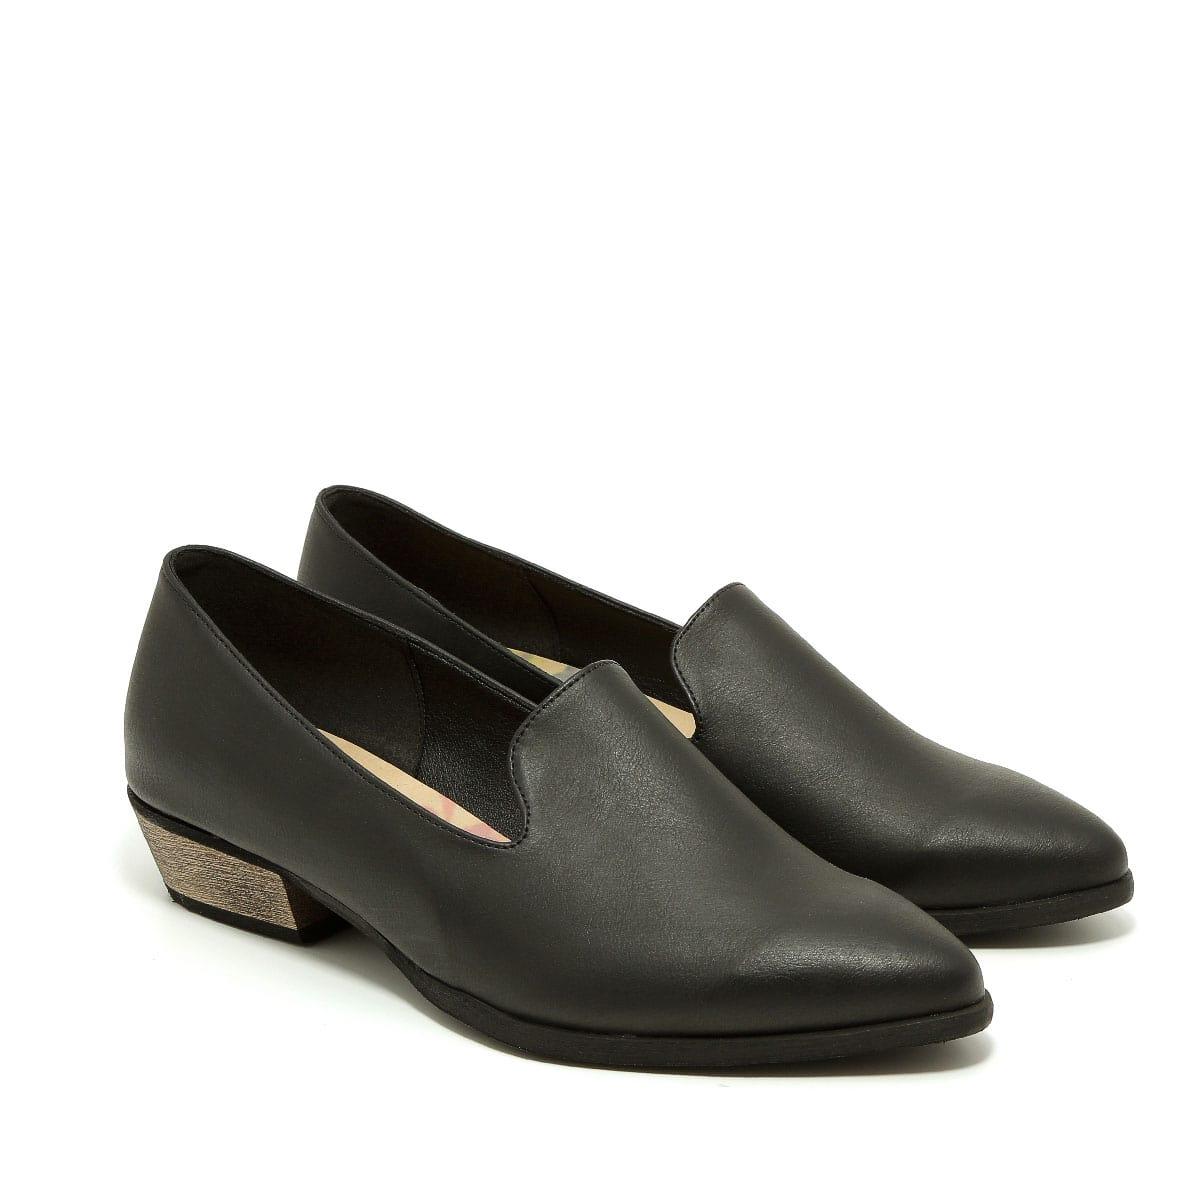 דגם קתרין: נעלי מוקסין טבעוניות לנשים